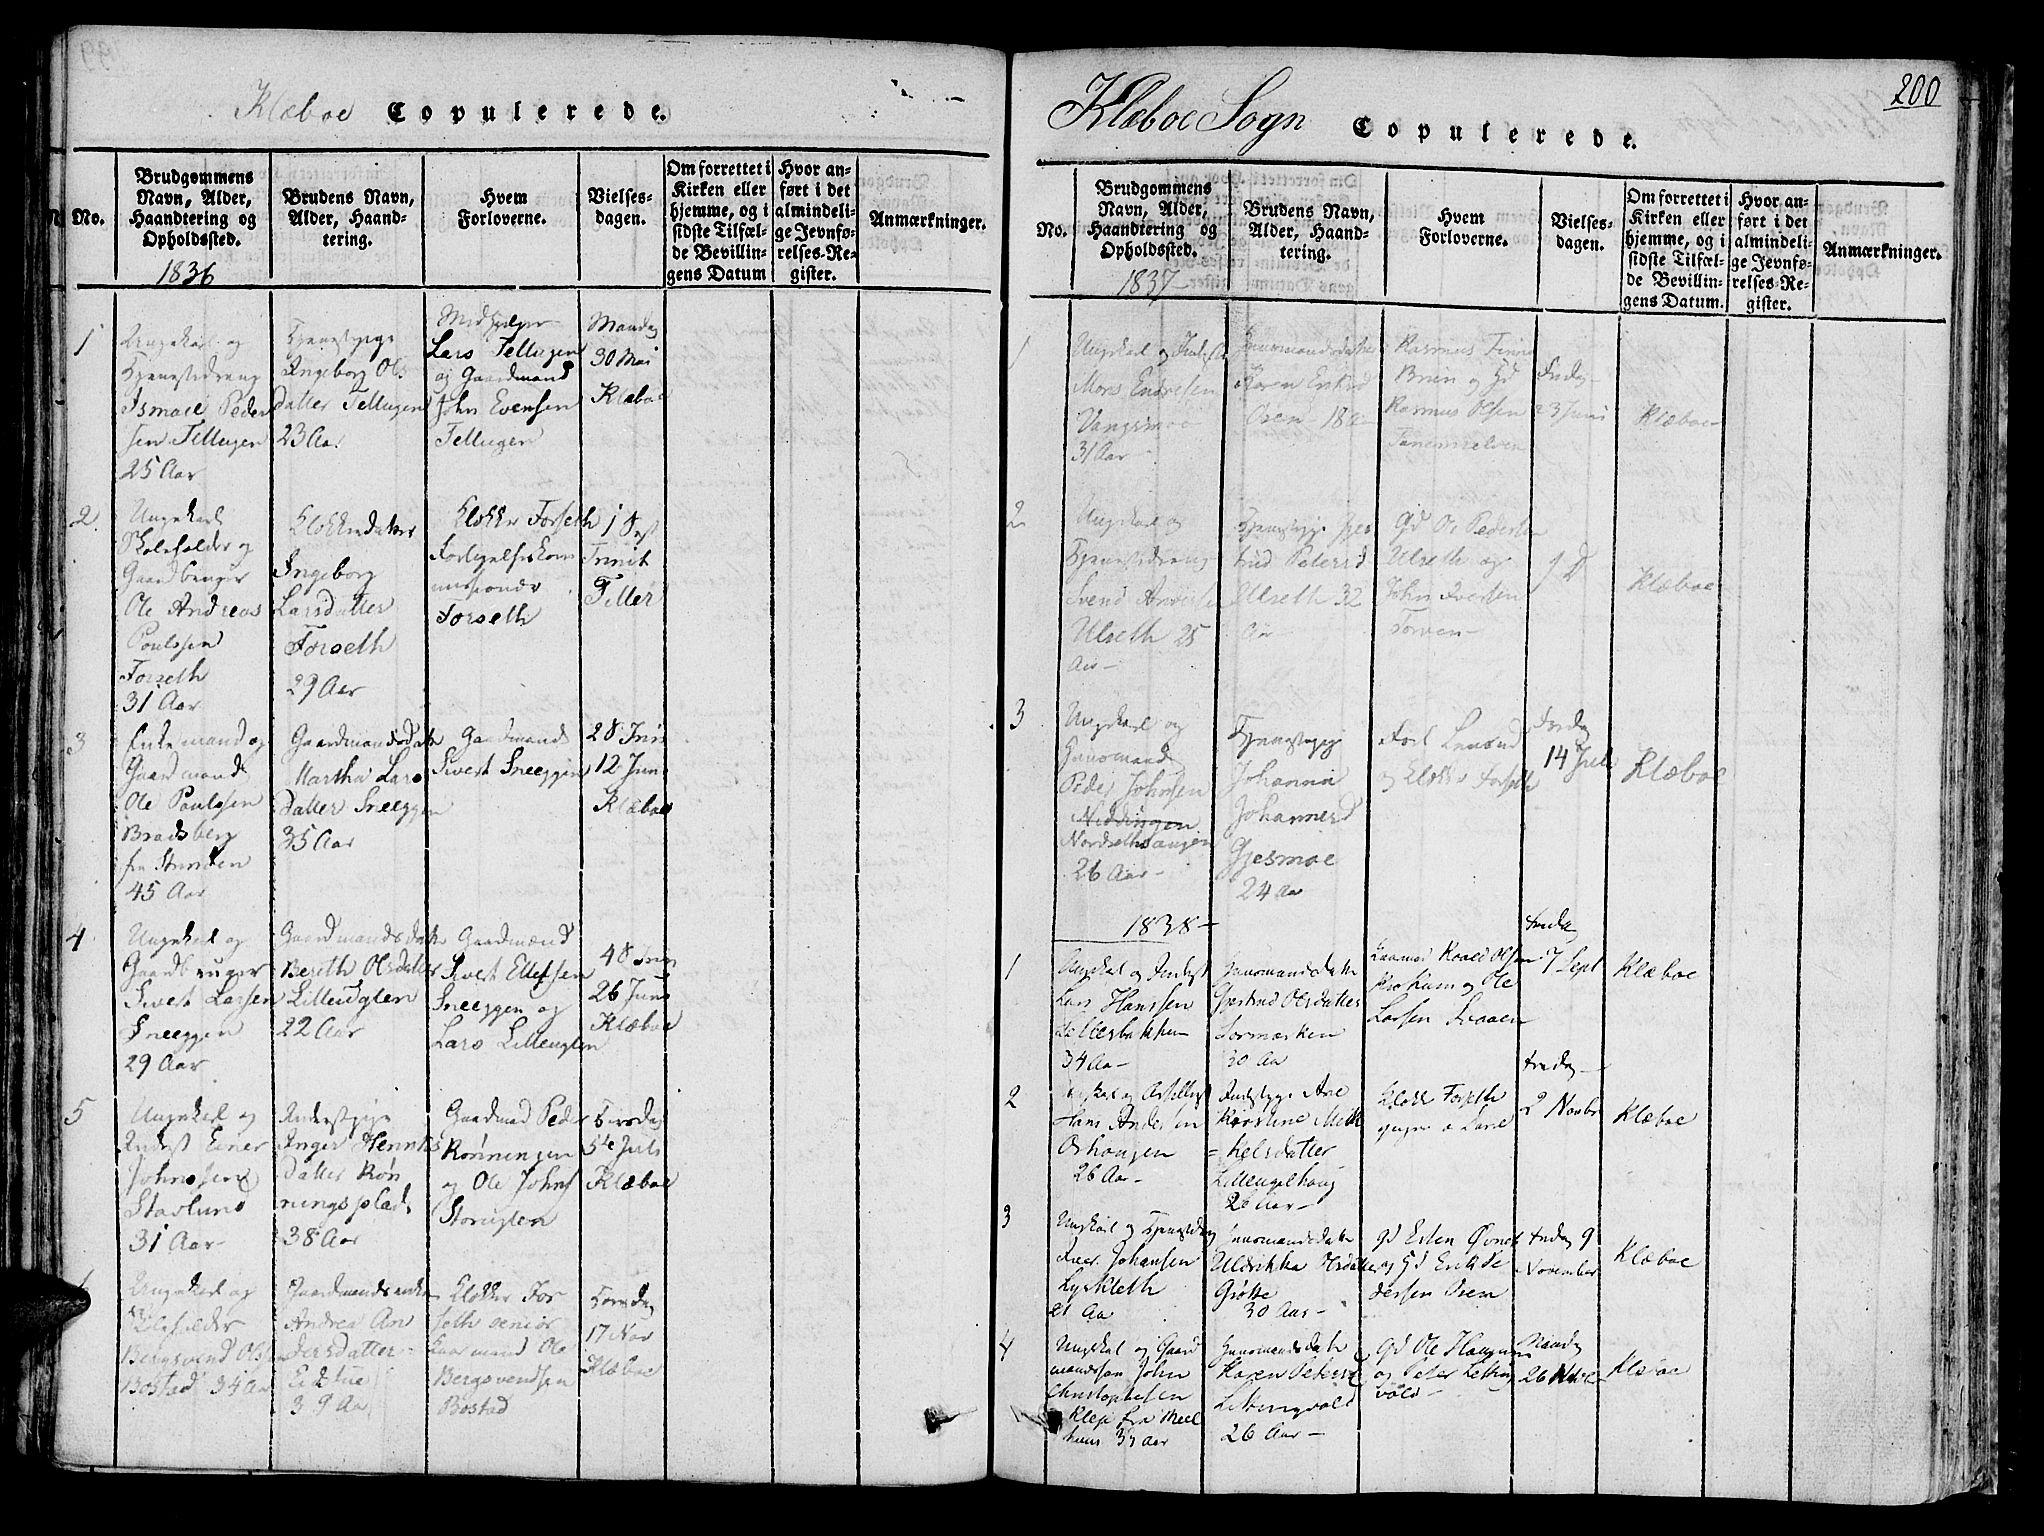 SAT, Ministerialprotokoller, klokkerbøker og fødselsregistre - Sør-Trøndelag, 618/L0439: Ministerialbok nr. 618A04 /1, 1816-1843, s. 200